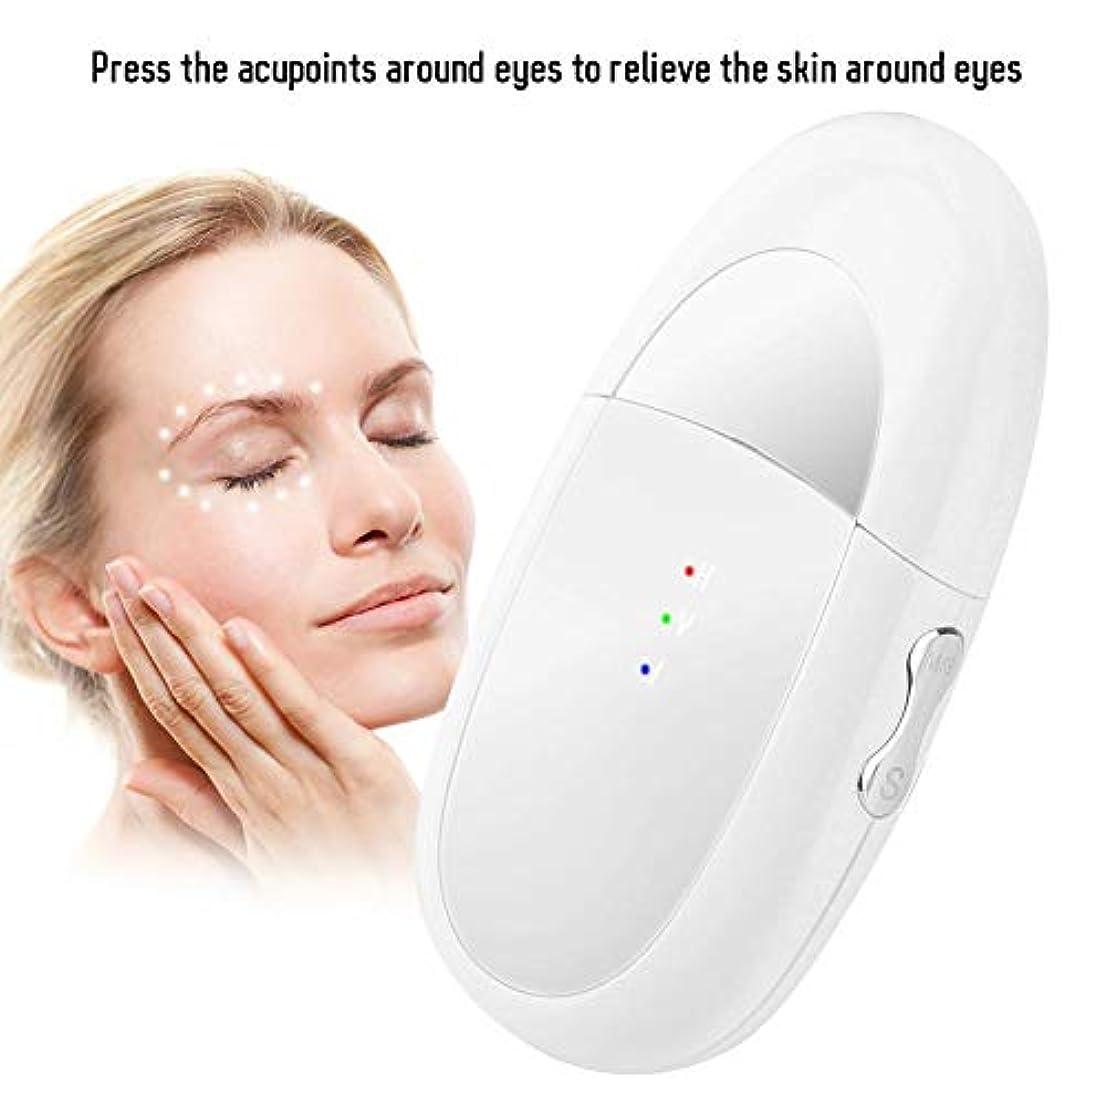 レガシー感染するアミューズアイマッサージャー、2 in 1 Eye&Lipマッサージャーイオンインポートバイブレーションマッサージャーは、ダークサークルとむくみを緩和しますEyes&Lips Care Device